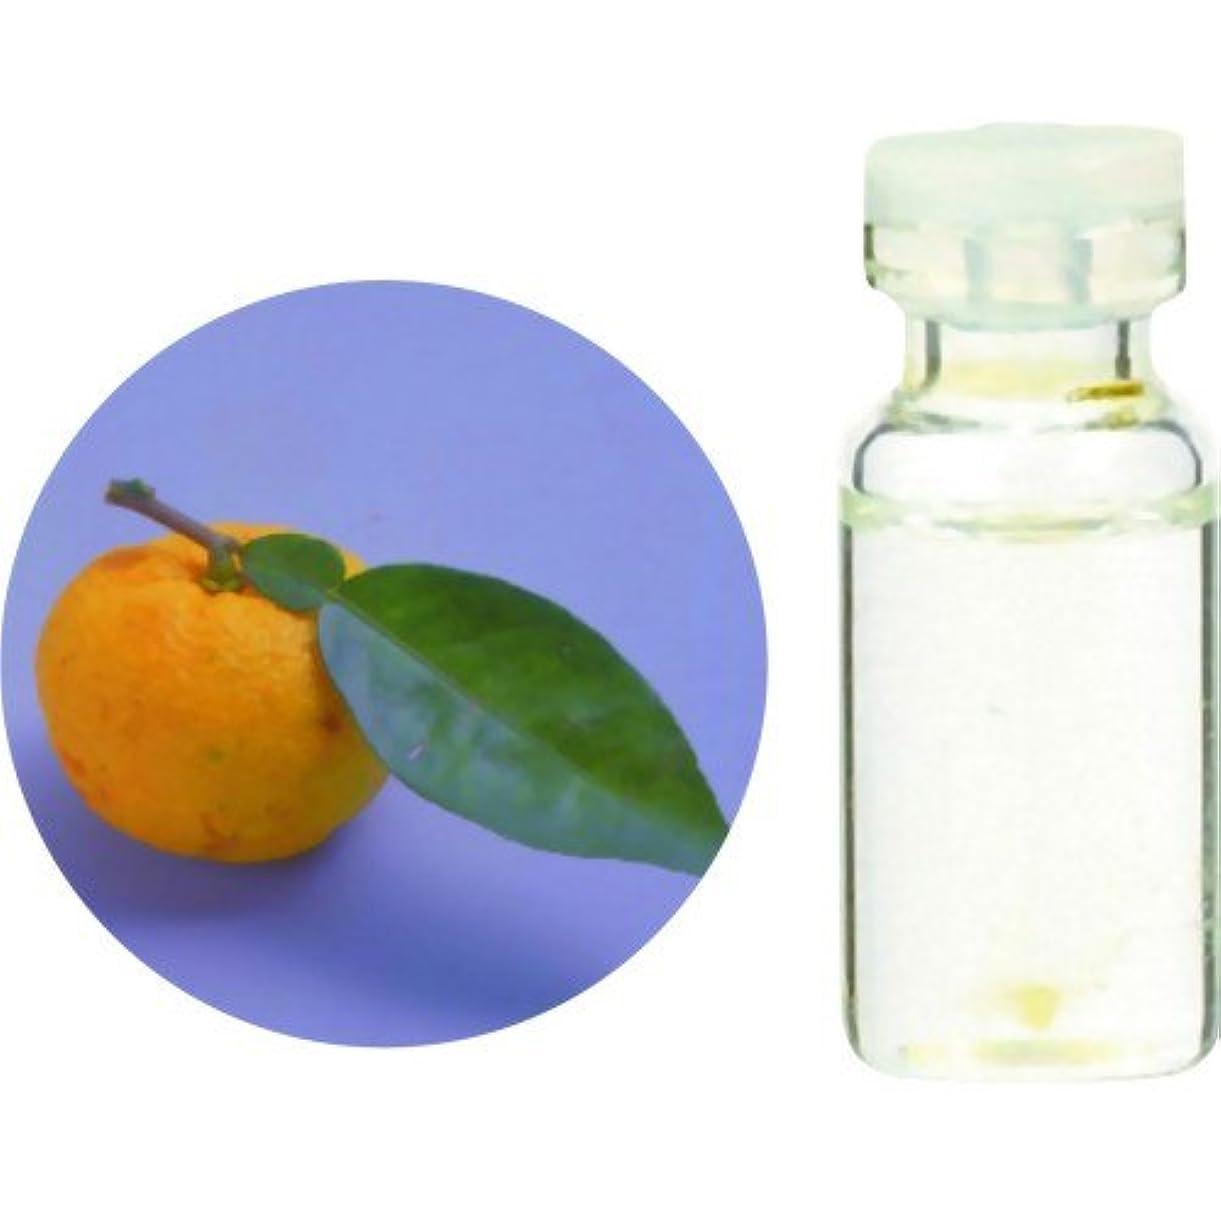 批判的に不愉快にフィラデルフィア生活の木 Herbal Life 和精油 柚子(ゆず)(水蒸気蒸留法) 3ml